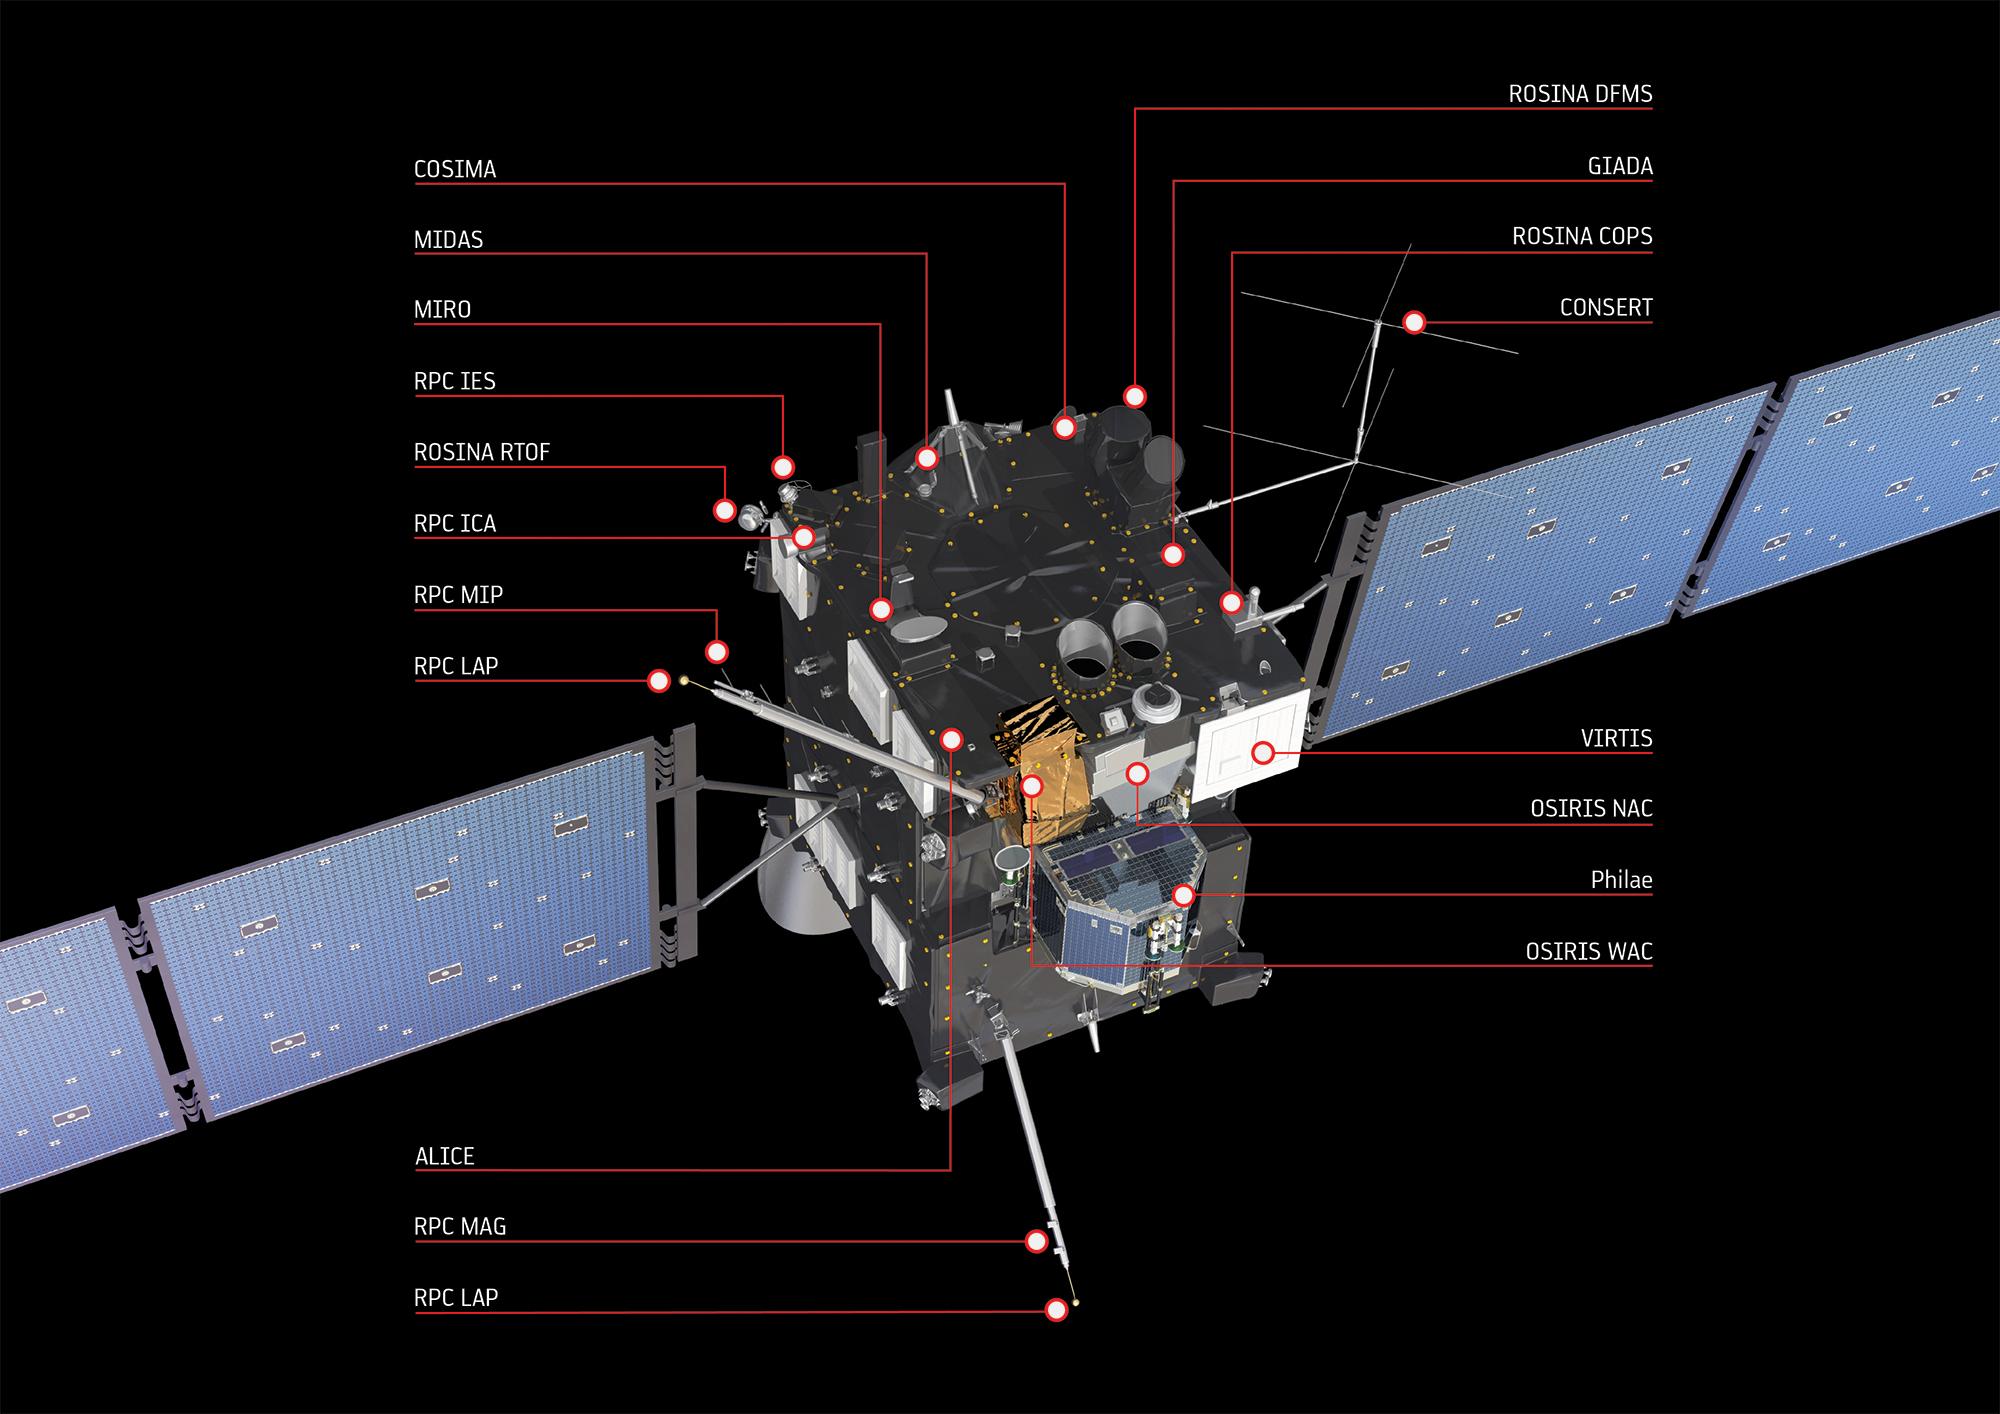 Tutta la strumentazione della sonda dell'ESA, Rosetta